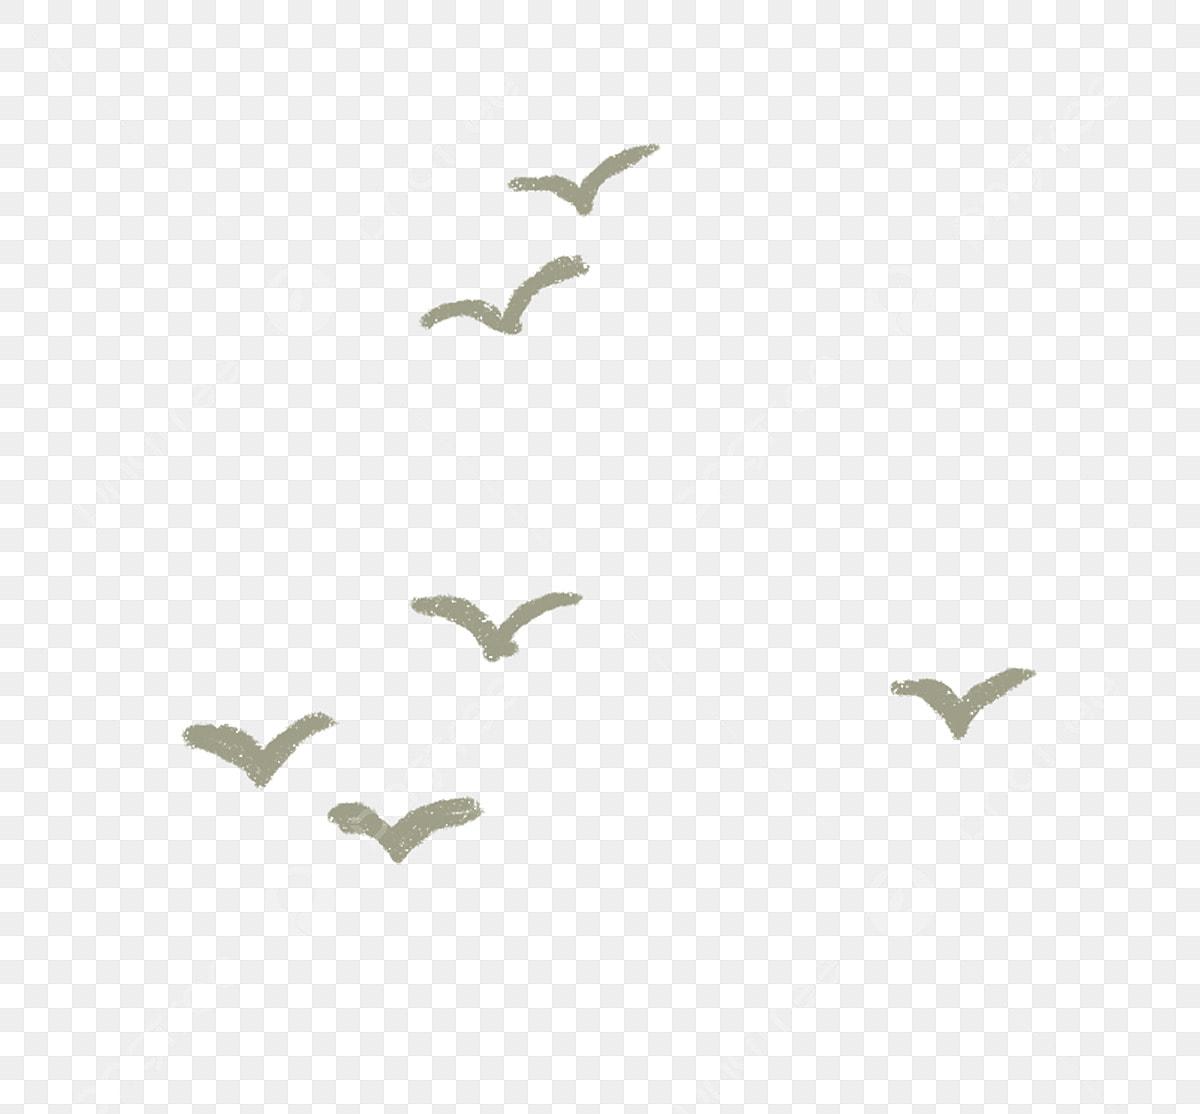 السماء جميلة الطيور طائر طائر لطيف جميل Png وملف Psd للتحميل مجانا